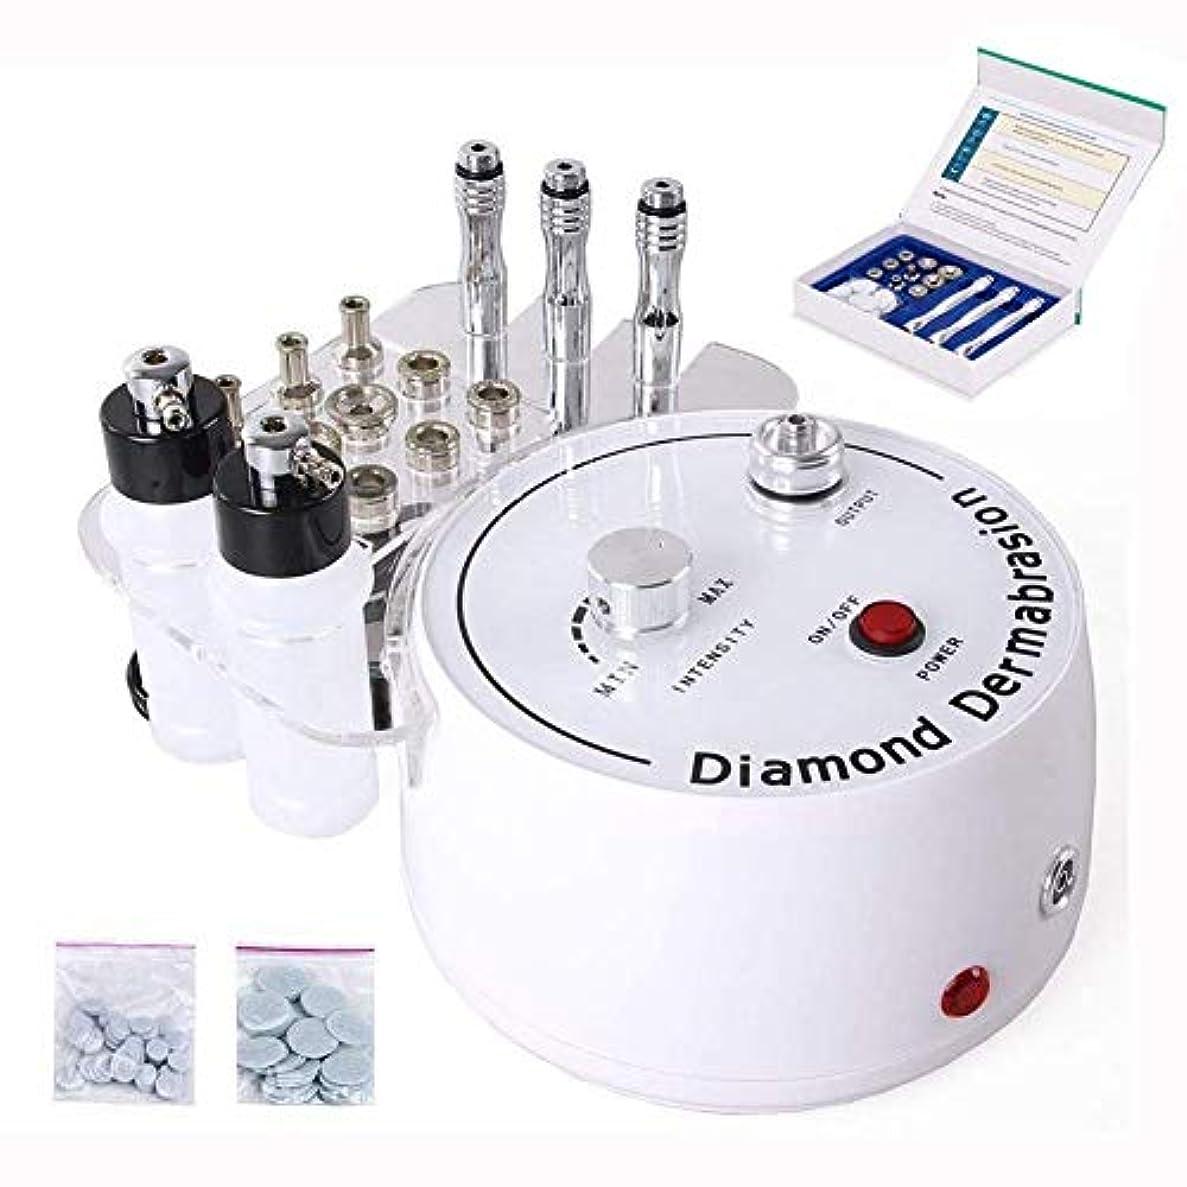 たぶん事業内容自動的にダイヤモンドマイクロダーマブレーション皮膚剥離機、ピーリング美容機しわフェイスピーリングマシン、専門の皮膚剥離装置肌用美容機器を引き締め若返りリフティングピーリング